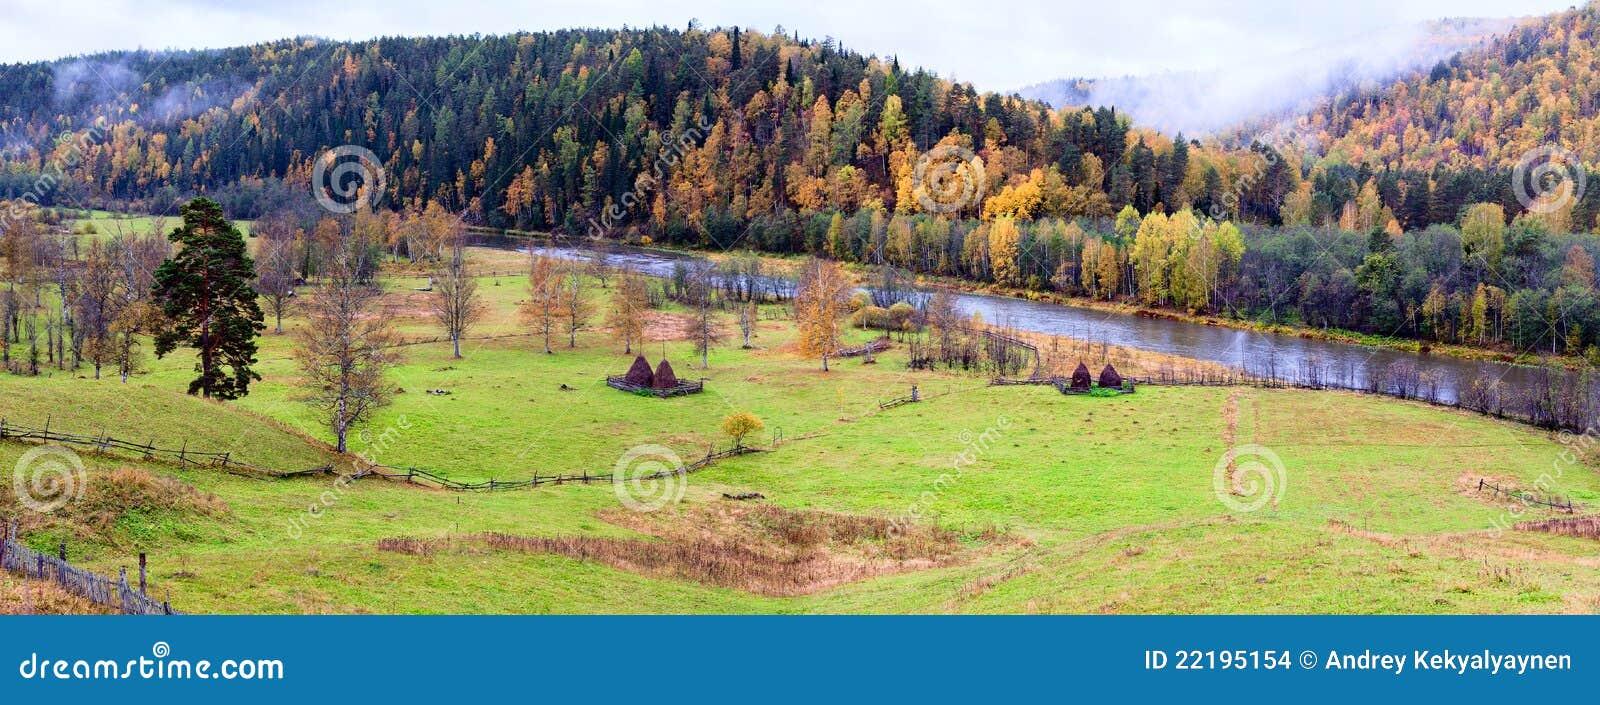 εποχή βουνών τοπίων χρώματος φθινοπώρου